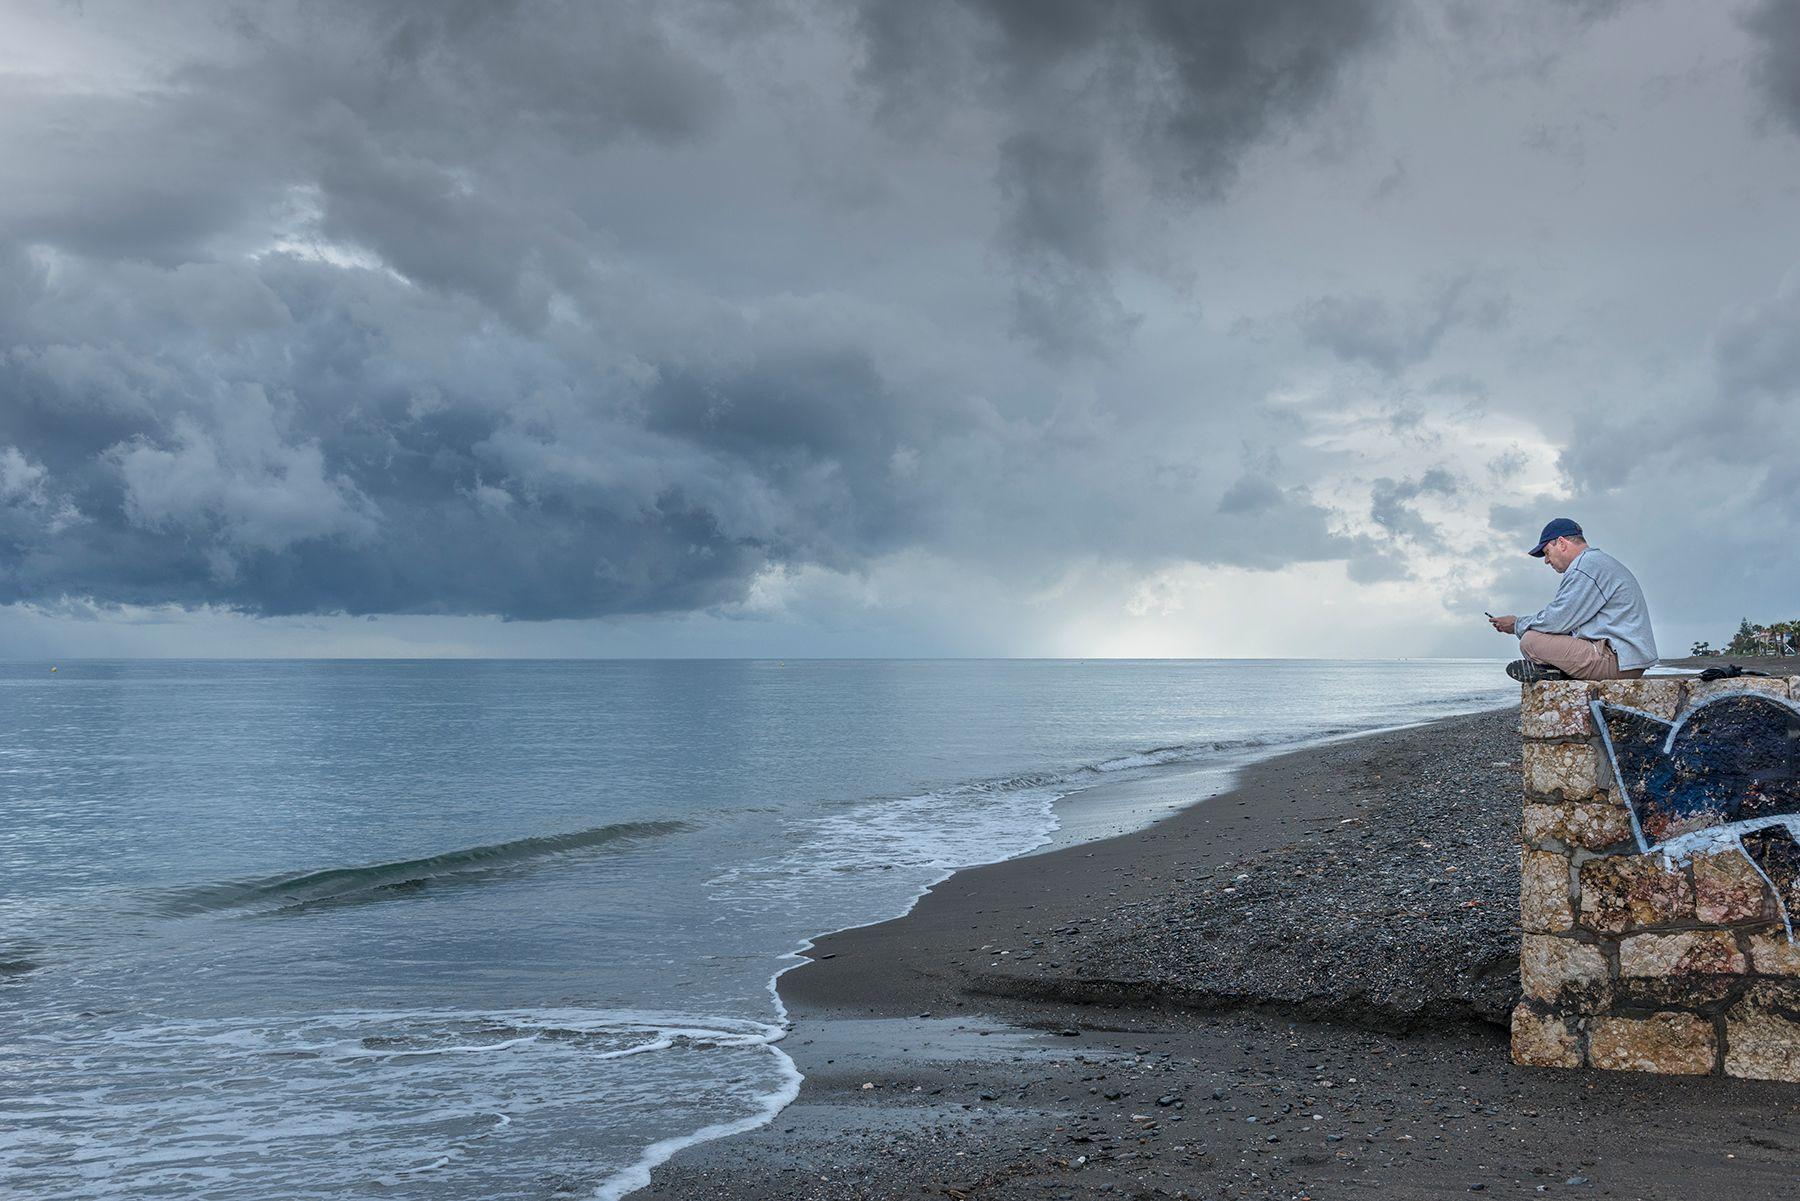 Llamando la tormenta